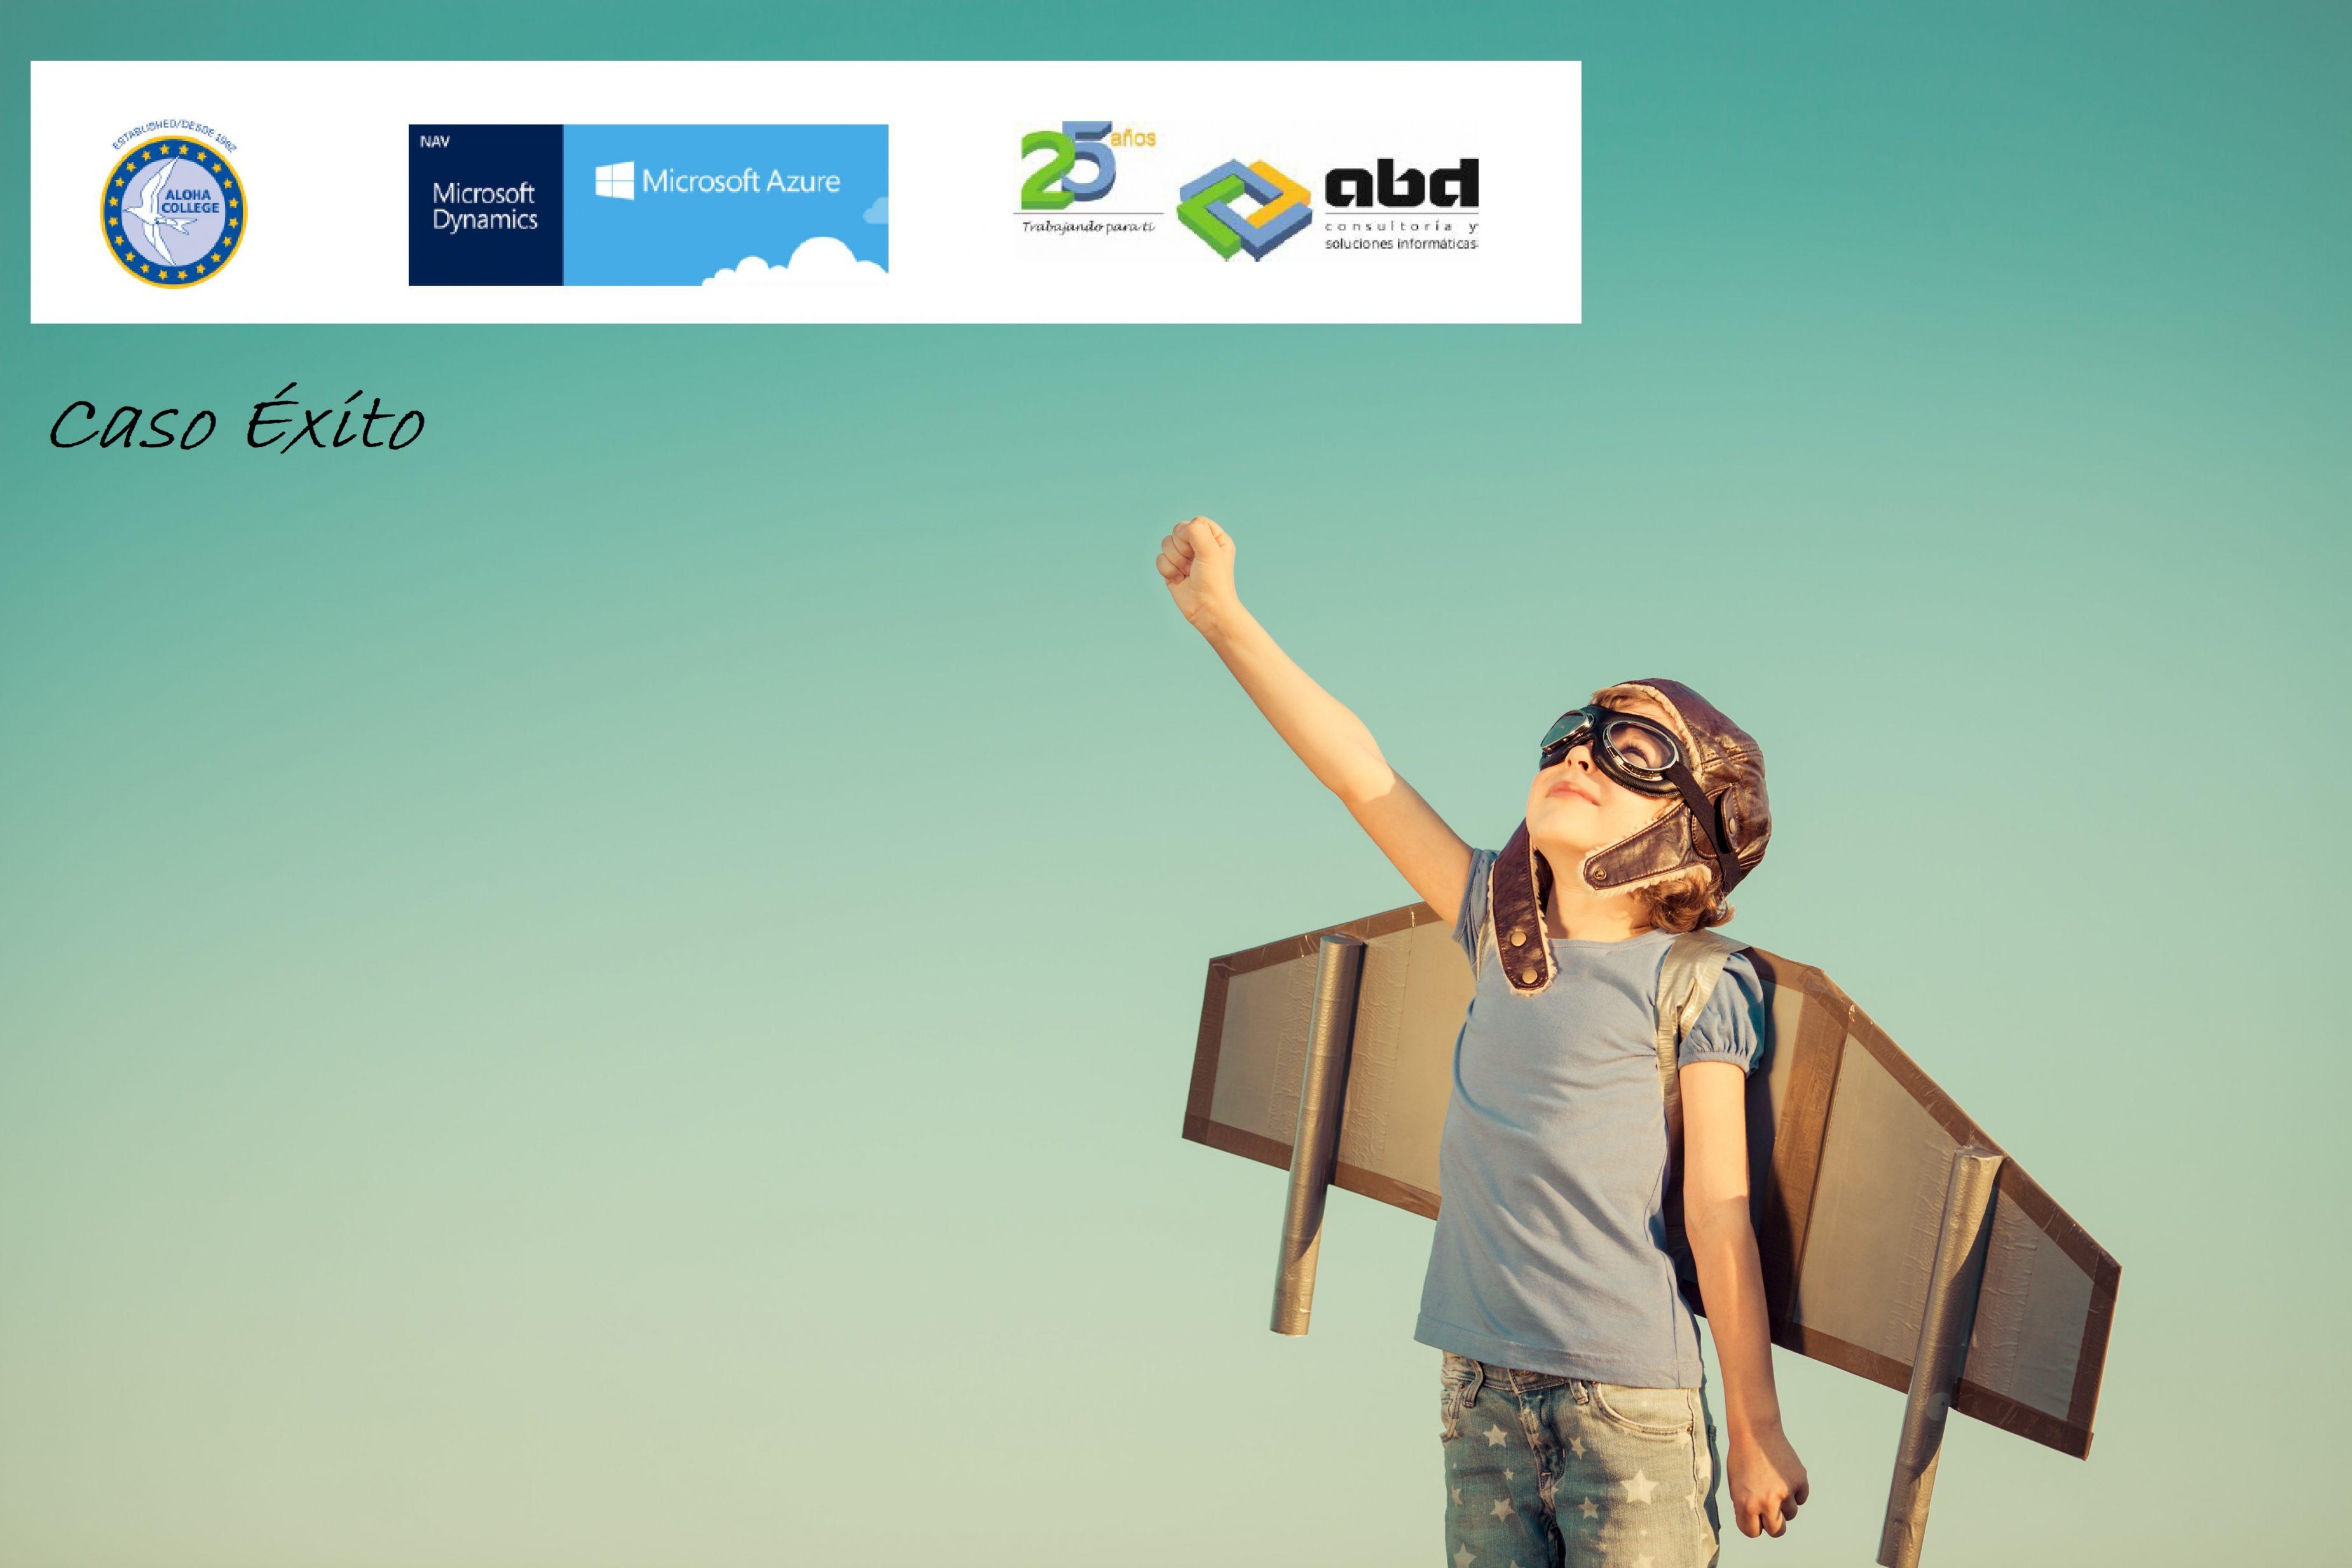 ALOHA COLLEGE. La Tecnología de Vanguardia al servicio de la Educación